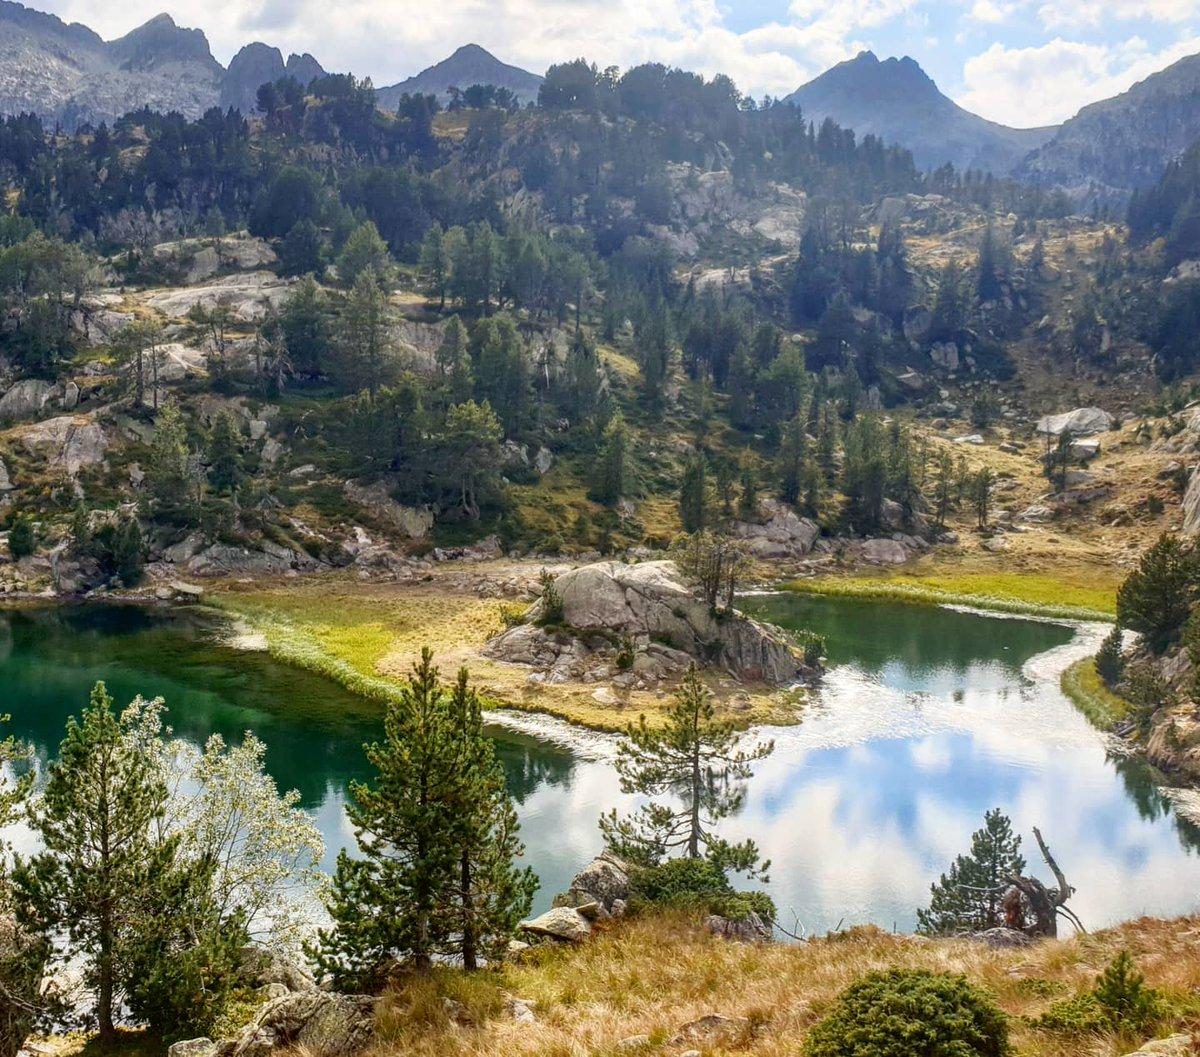 El lac de Clòto de Baish, al circ de Colomèrs. #lacdeclòtodebaish #circdecolomèrs #colomèrs #nautaran #valdaran #bicicleta #btt #mtb #estiu2020 https://t.co/AMrc4dqHiO